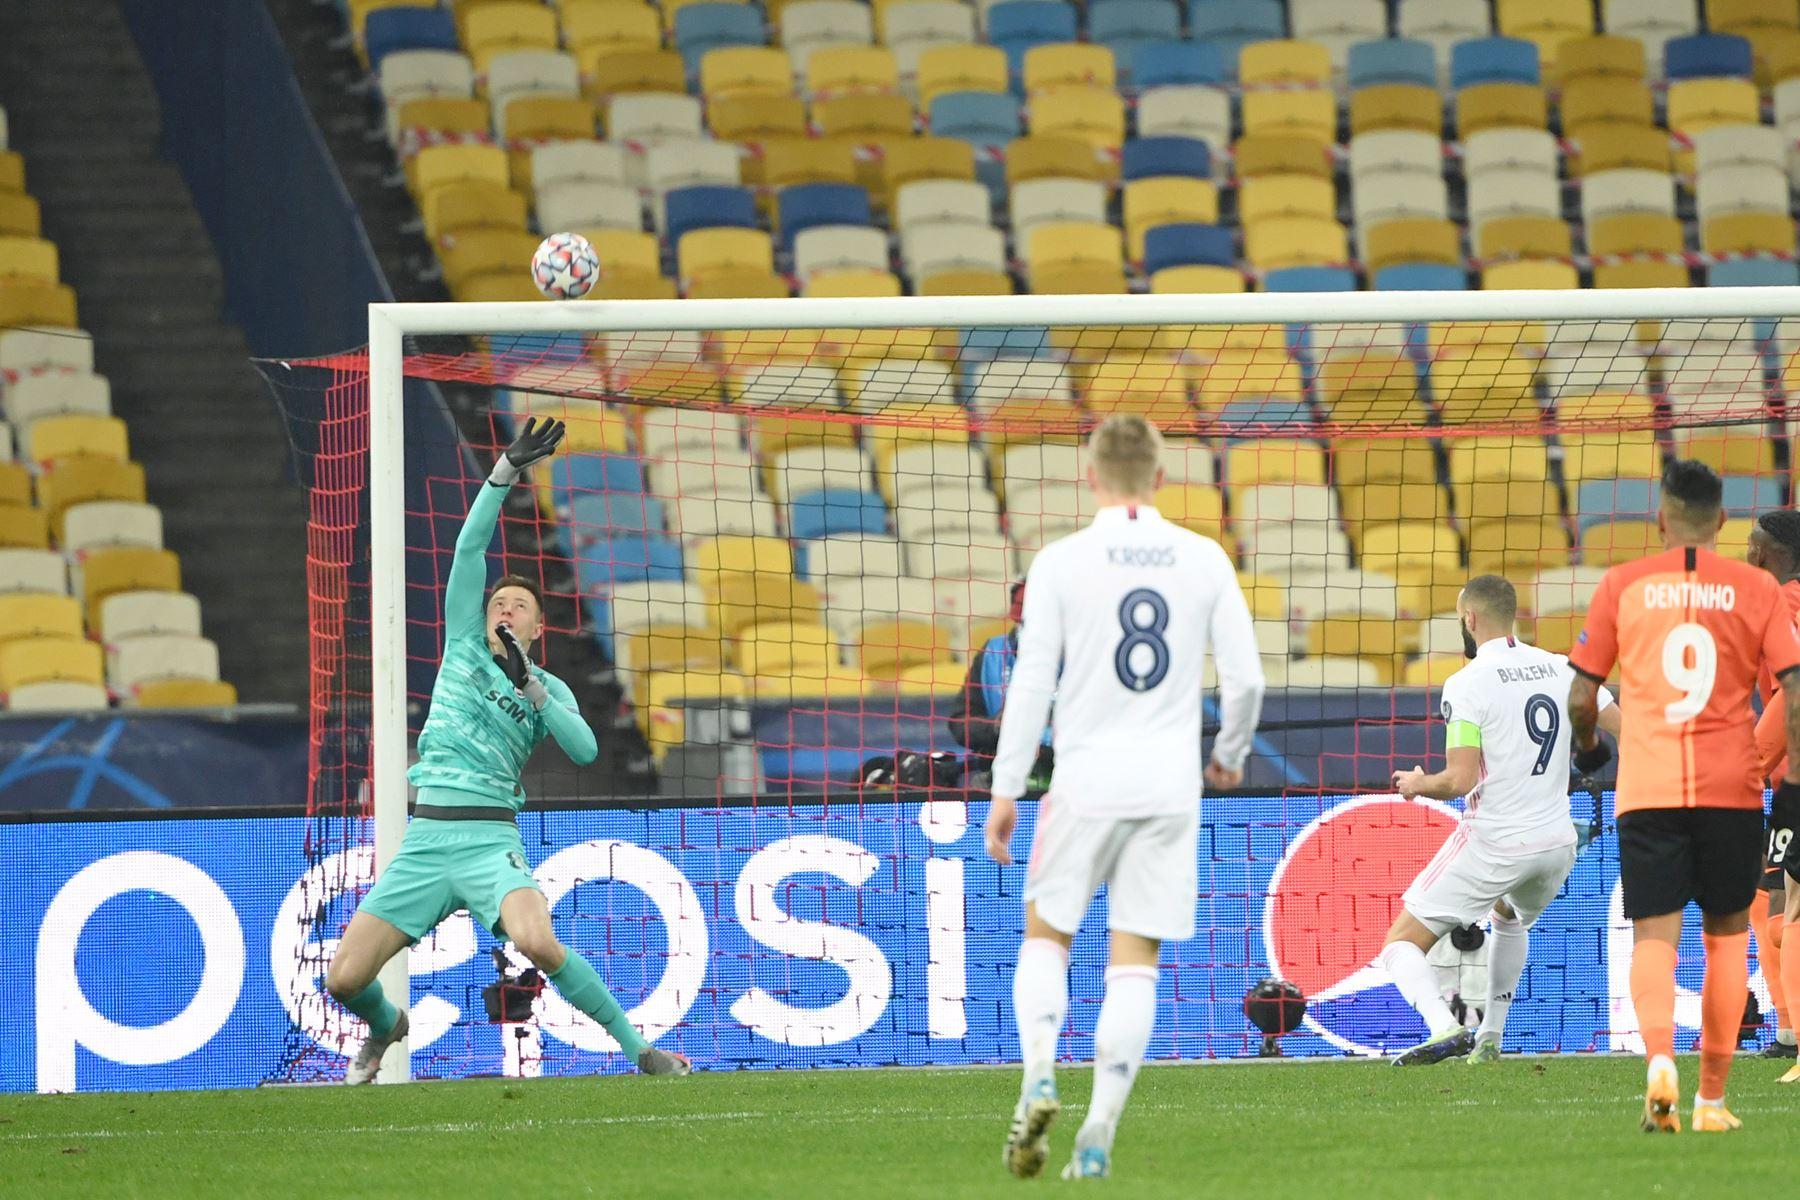 El portero ucraniano del Shakhtar Donetsk, Anatolii Trubin, ataja el balón durante el partido de fútbol del Grupo B de la Liga de Campeones de la UEFA. Foto: AFP